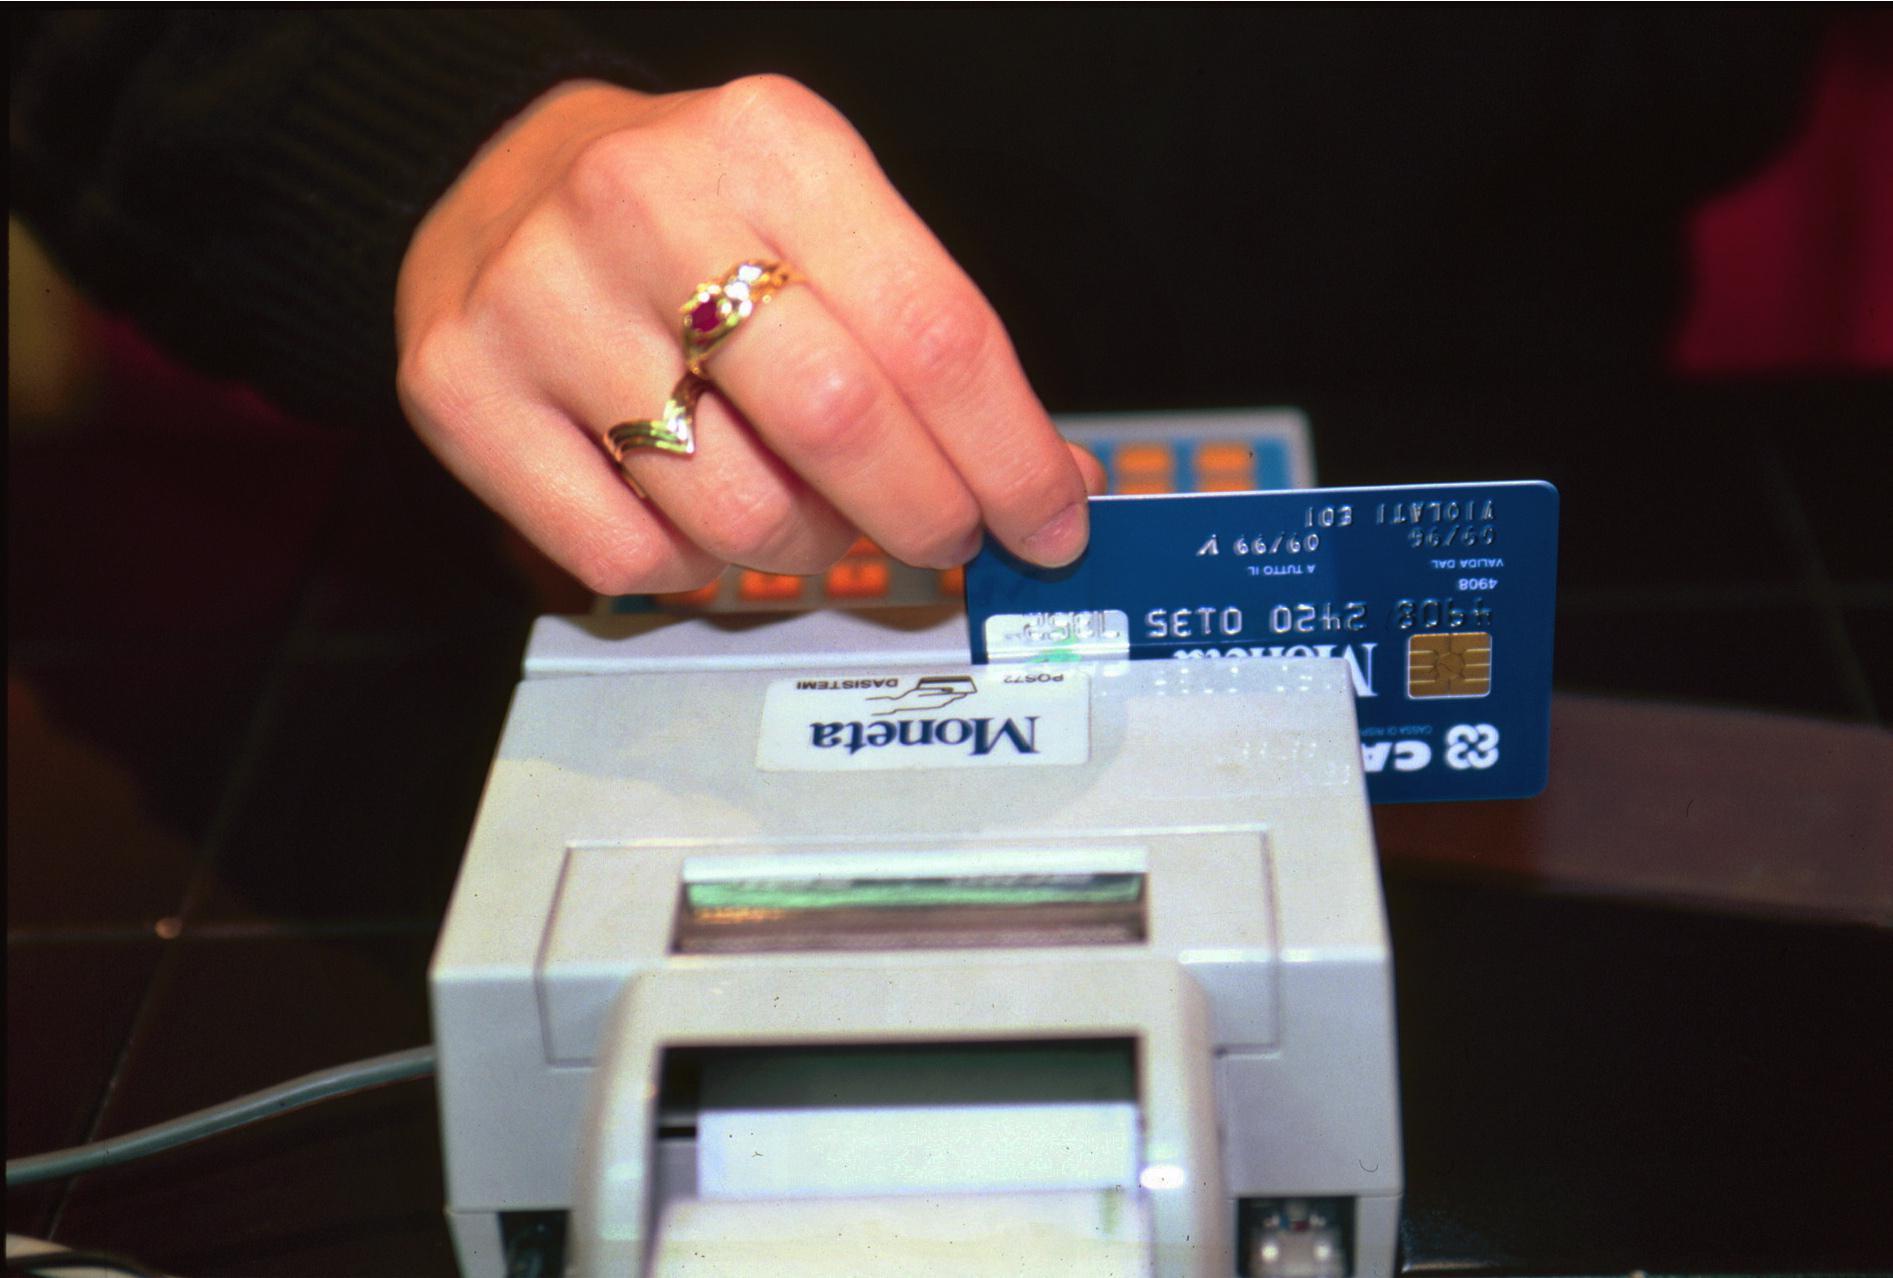 Come bloccare la carta di credito: ecco i numeri verdi